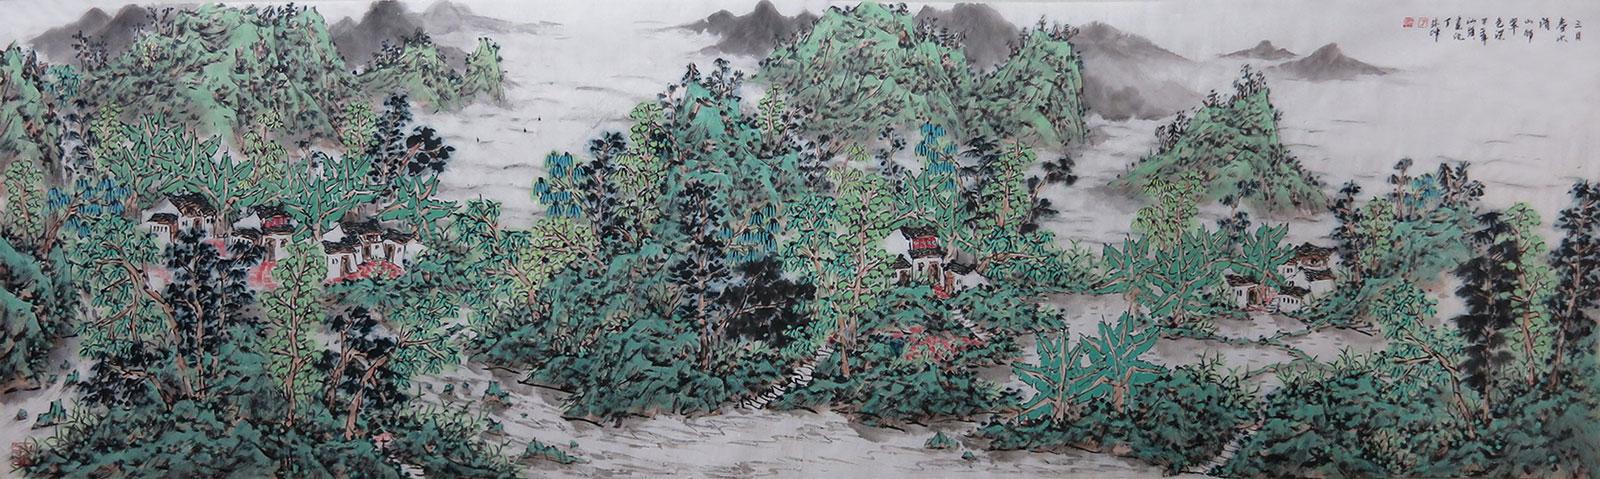 三月春水清-山村翠色深